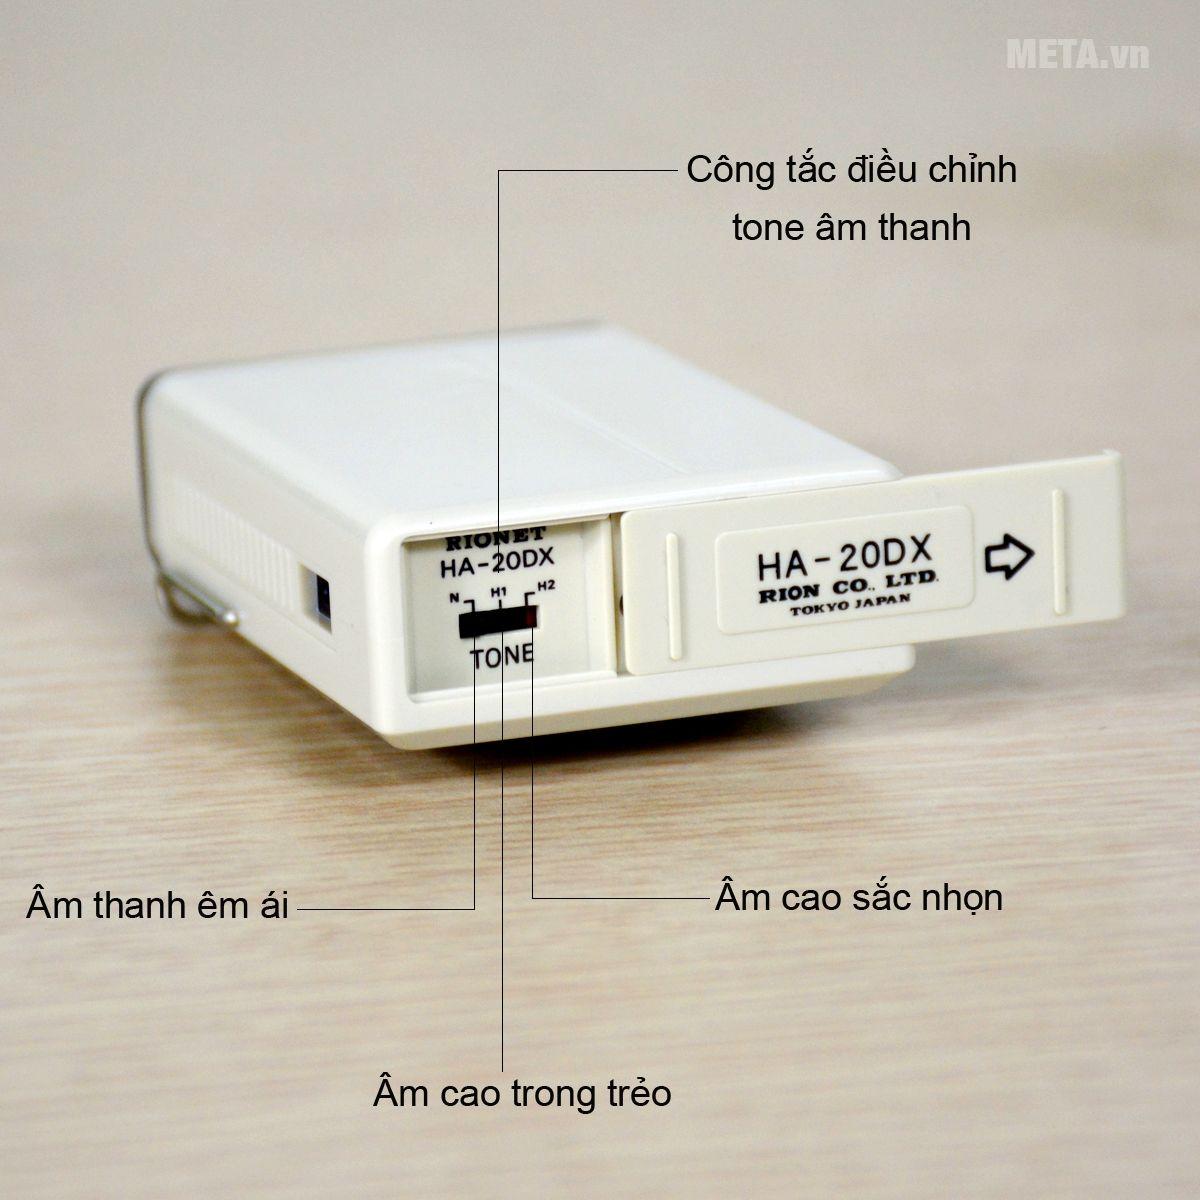 Cấu tạo máy trợ thính dây đeo Rionet HA-20Dx